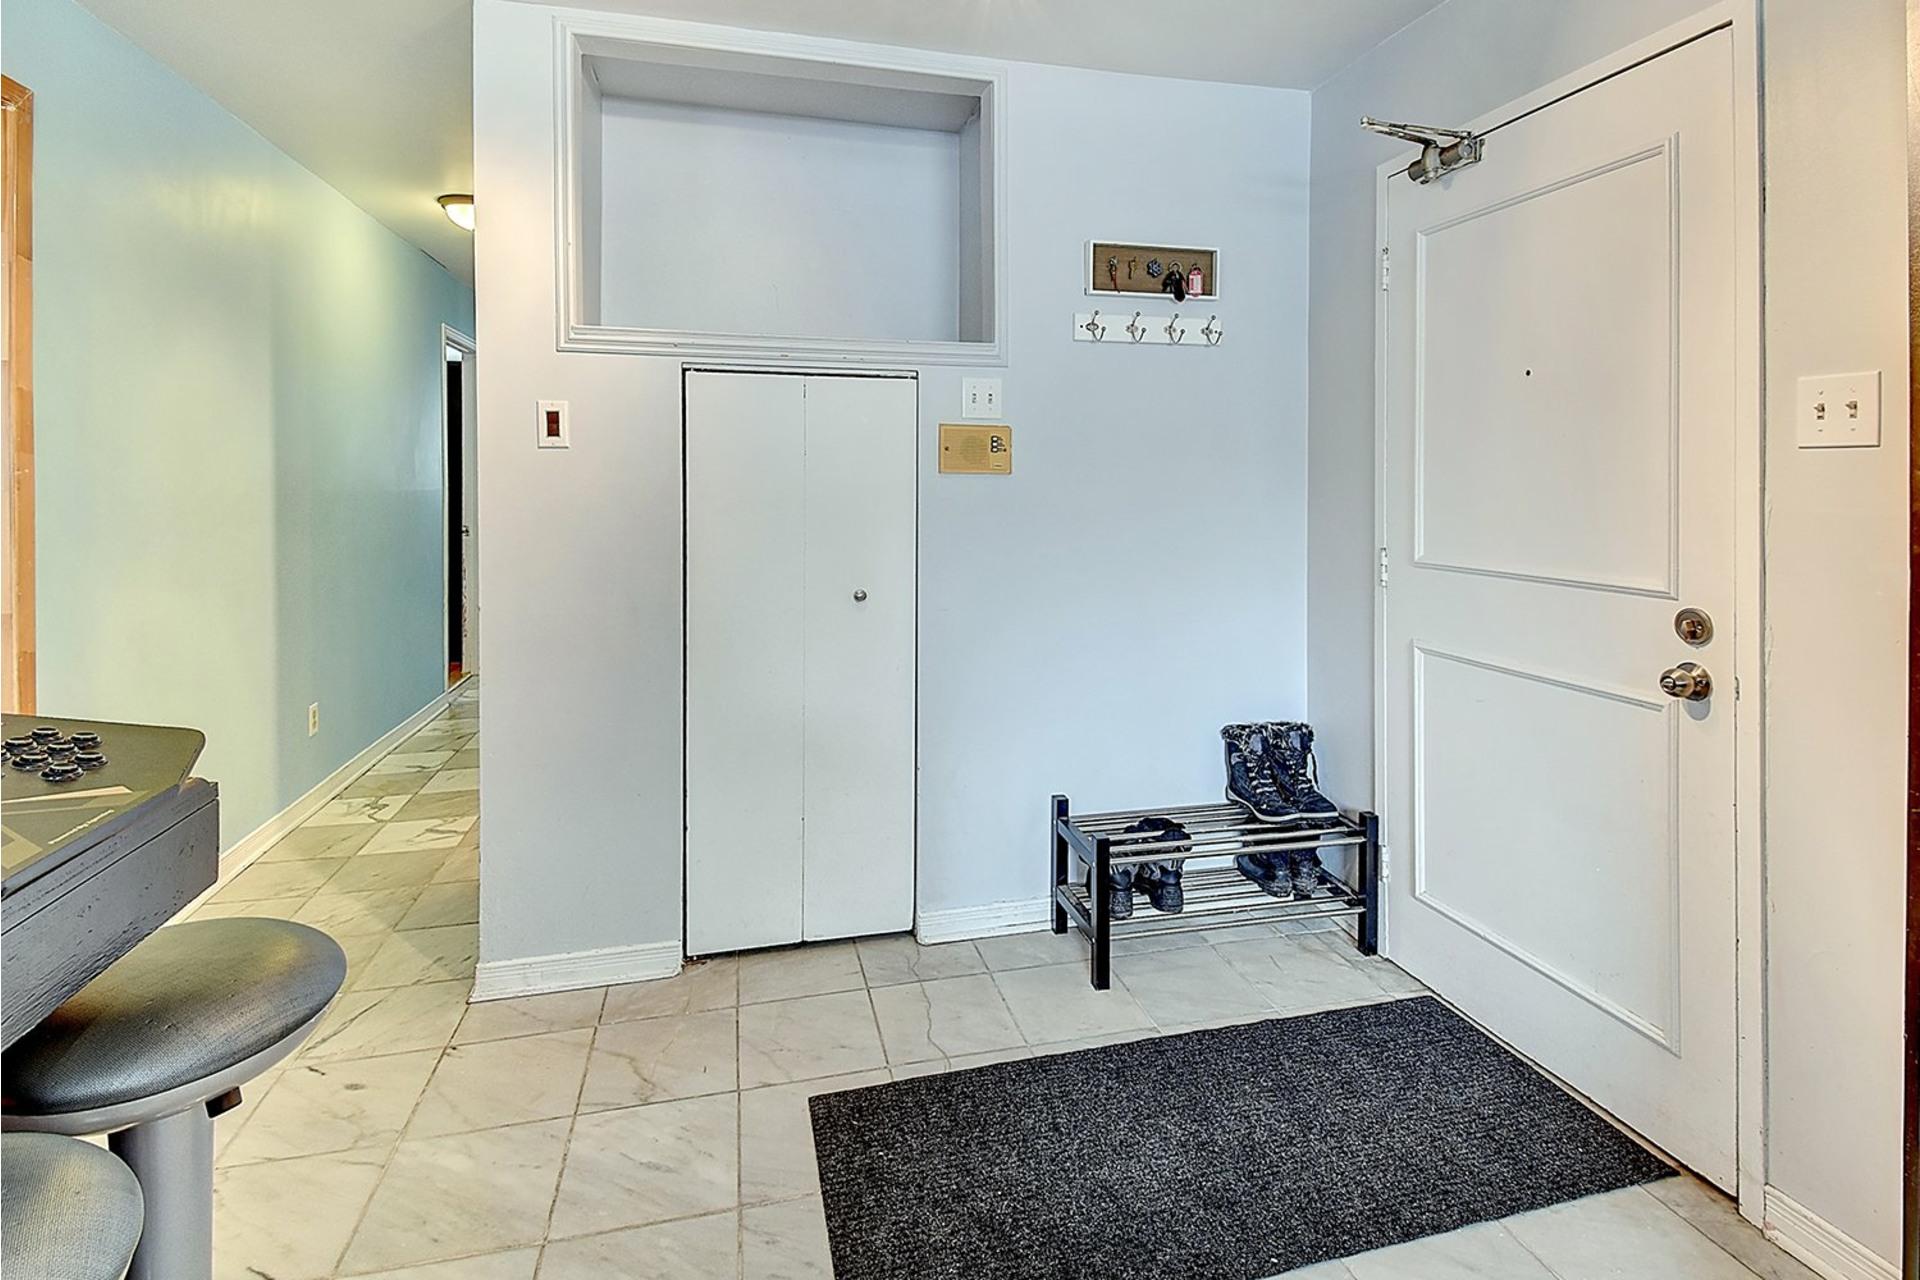 image 1 - Appartement À vendre Verdun/Île-des-Soeurs Montréal  - 7 pièces